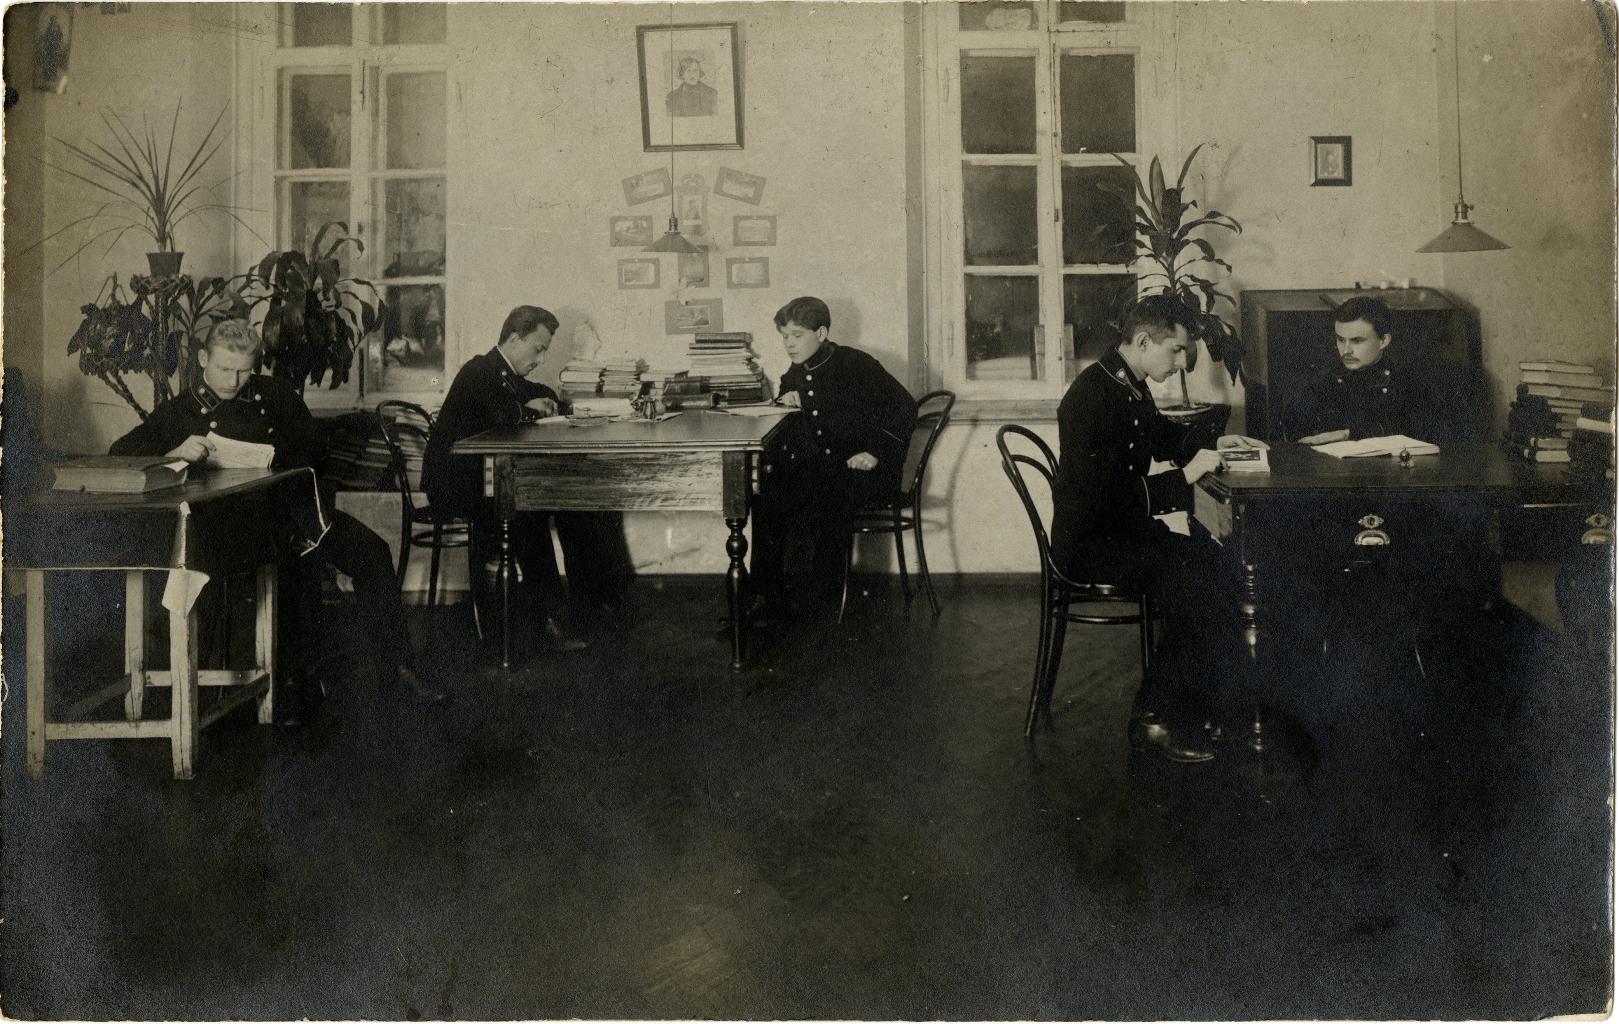 Сергiевскай посадъ. Московская Духовная Академiя. 1910-е. Часть II